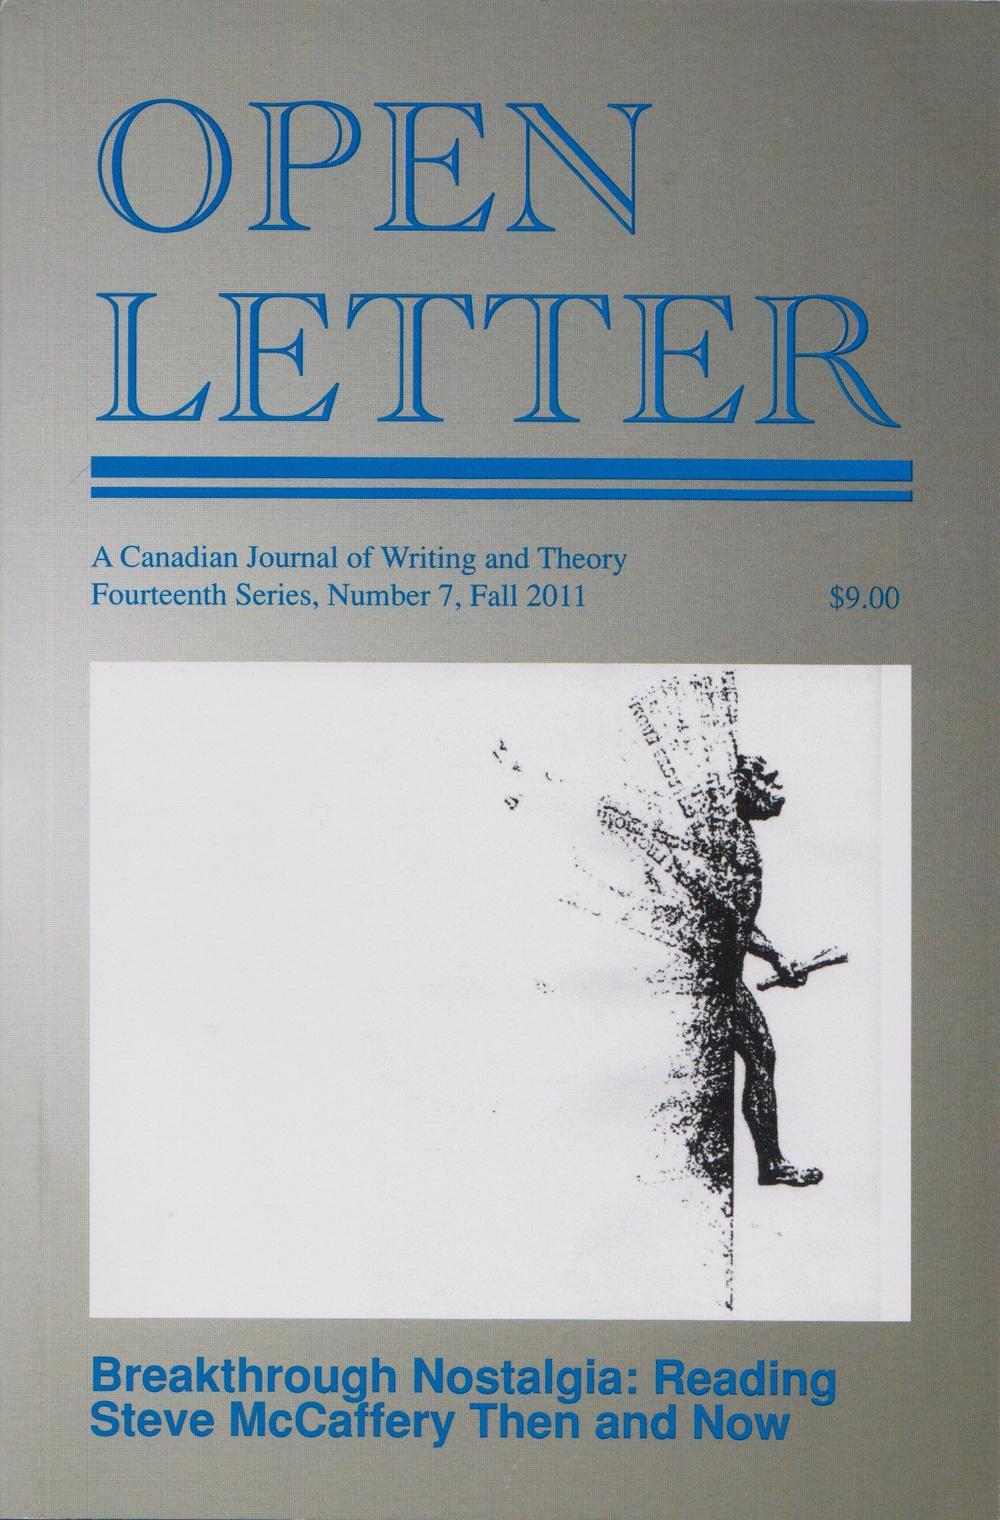 open_letter 002.jpg